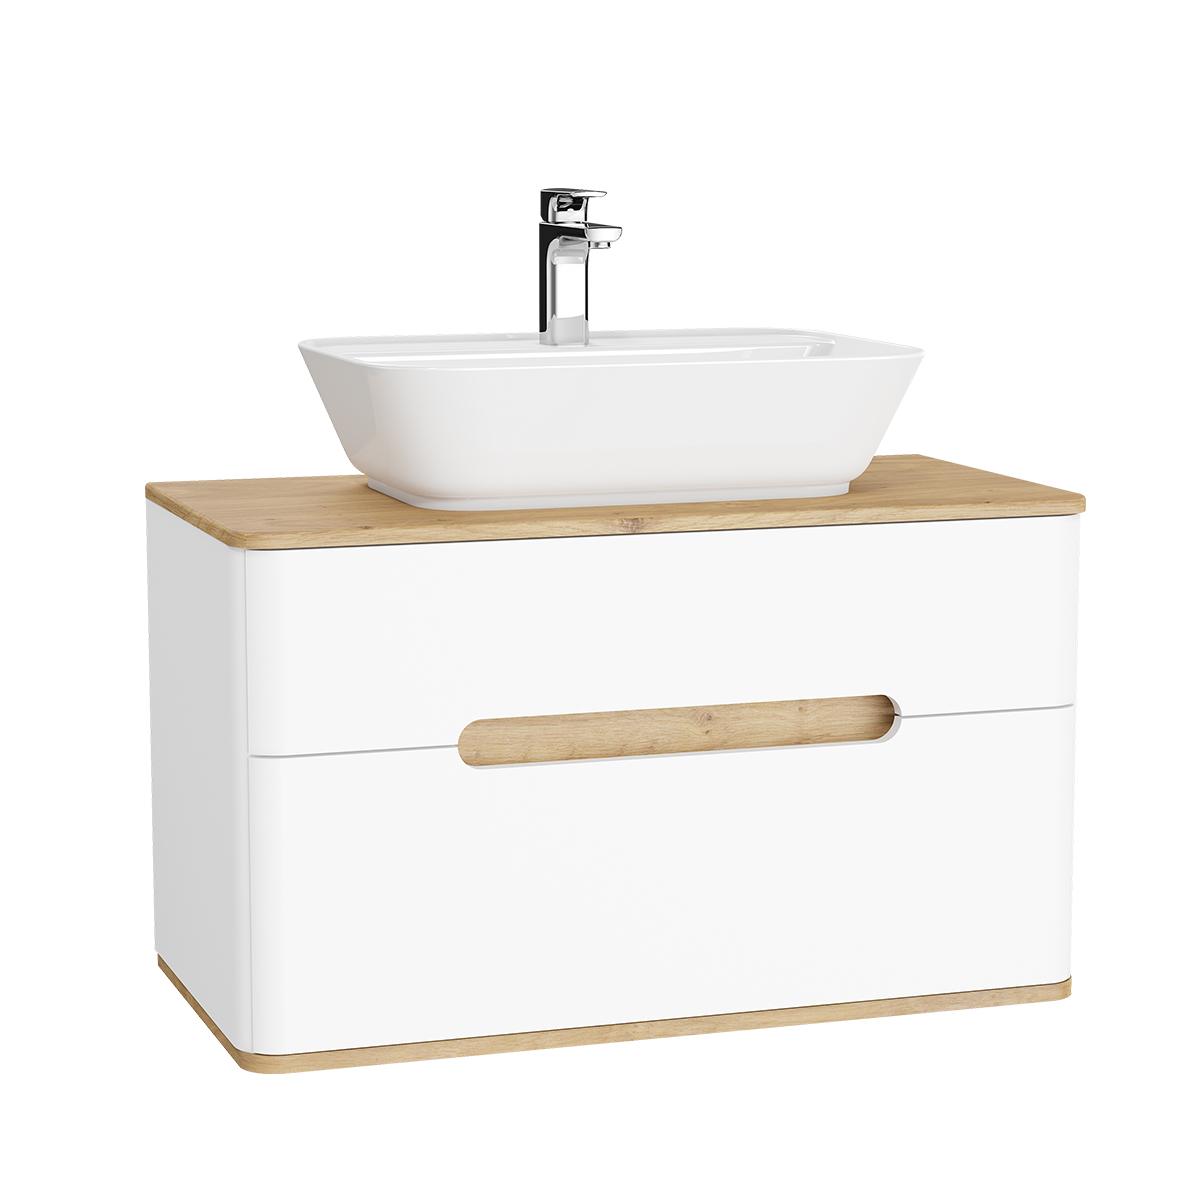 Sento Waschtischunterschrank, 90 cm, für Aufsatzwaschtische, mit 2 Vollauszügen, Weiß Matt